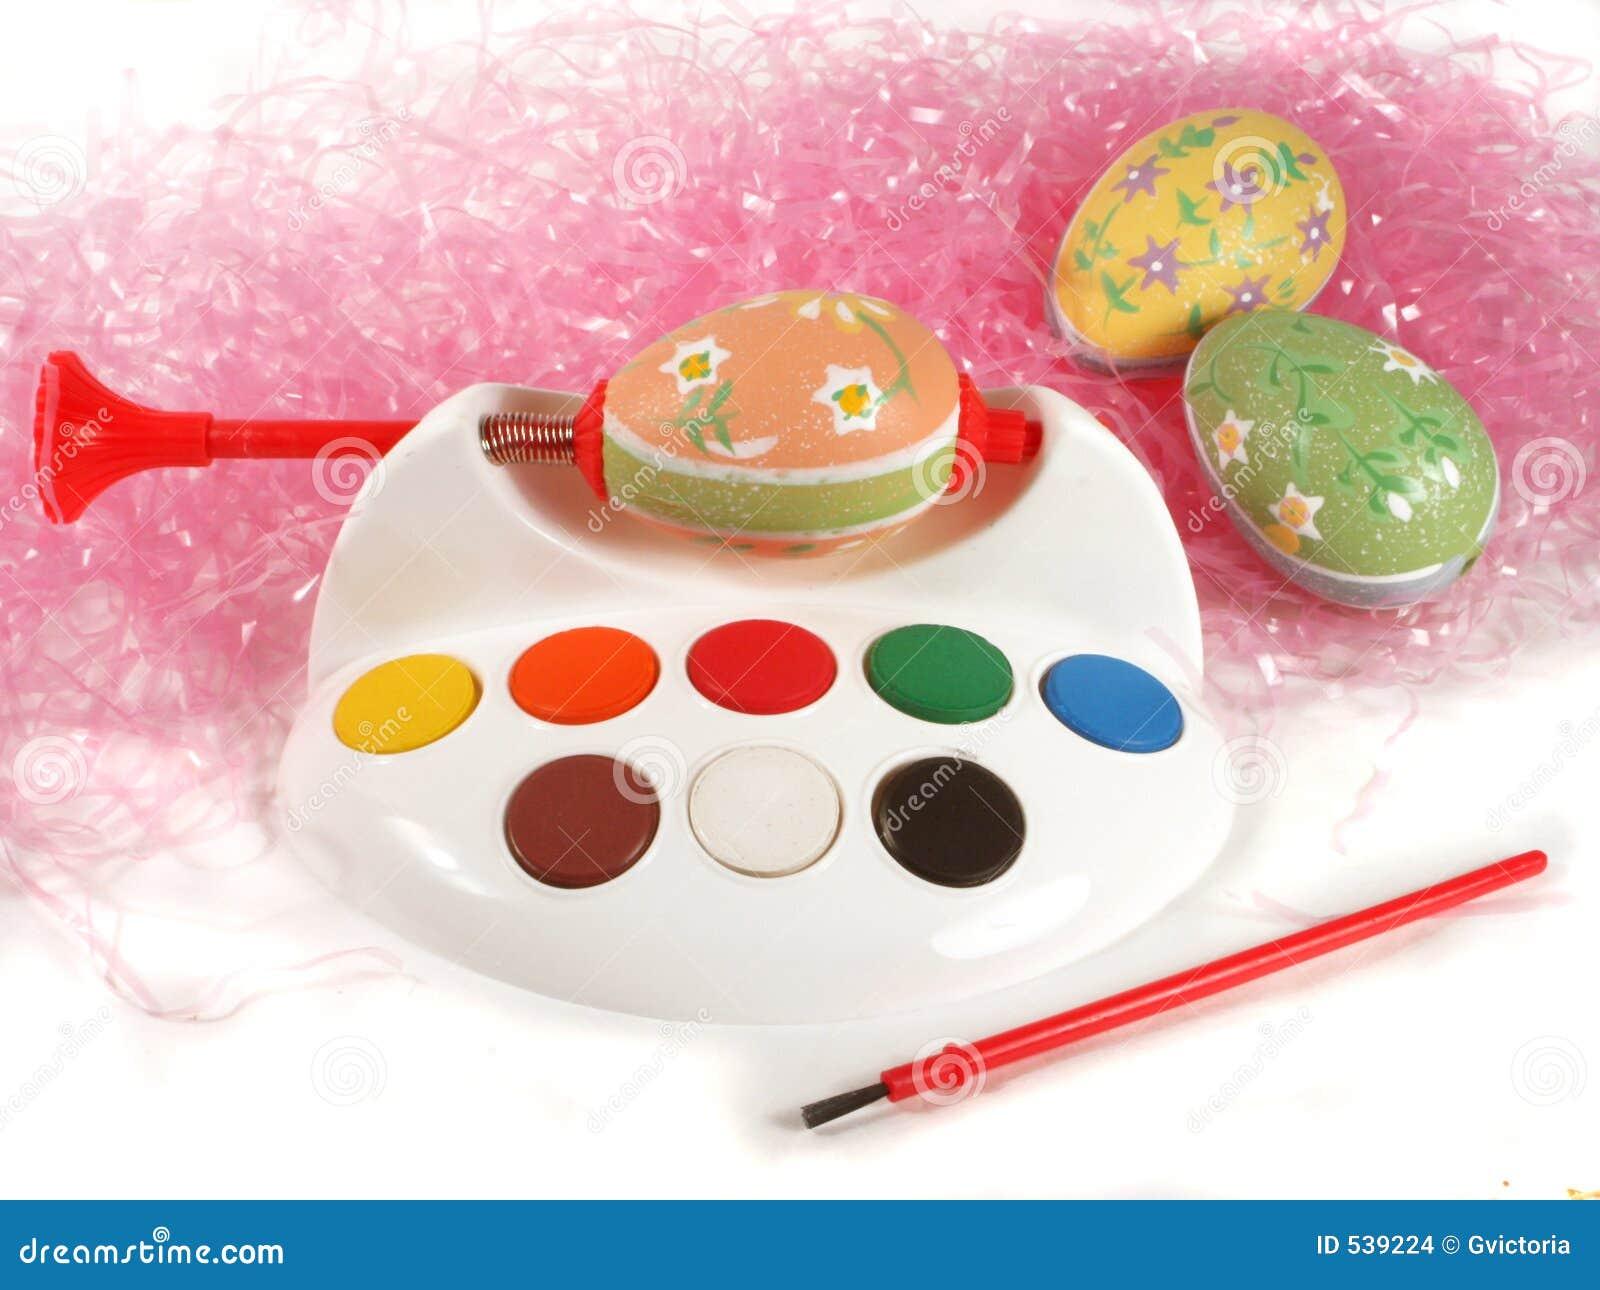 Download 蛋绘画 库存照片. 图片 包括有 装饰, 纹理, 庆祝, 鸡蛋, 玩具, 宗教信仰, brusher, 传统 - 539224